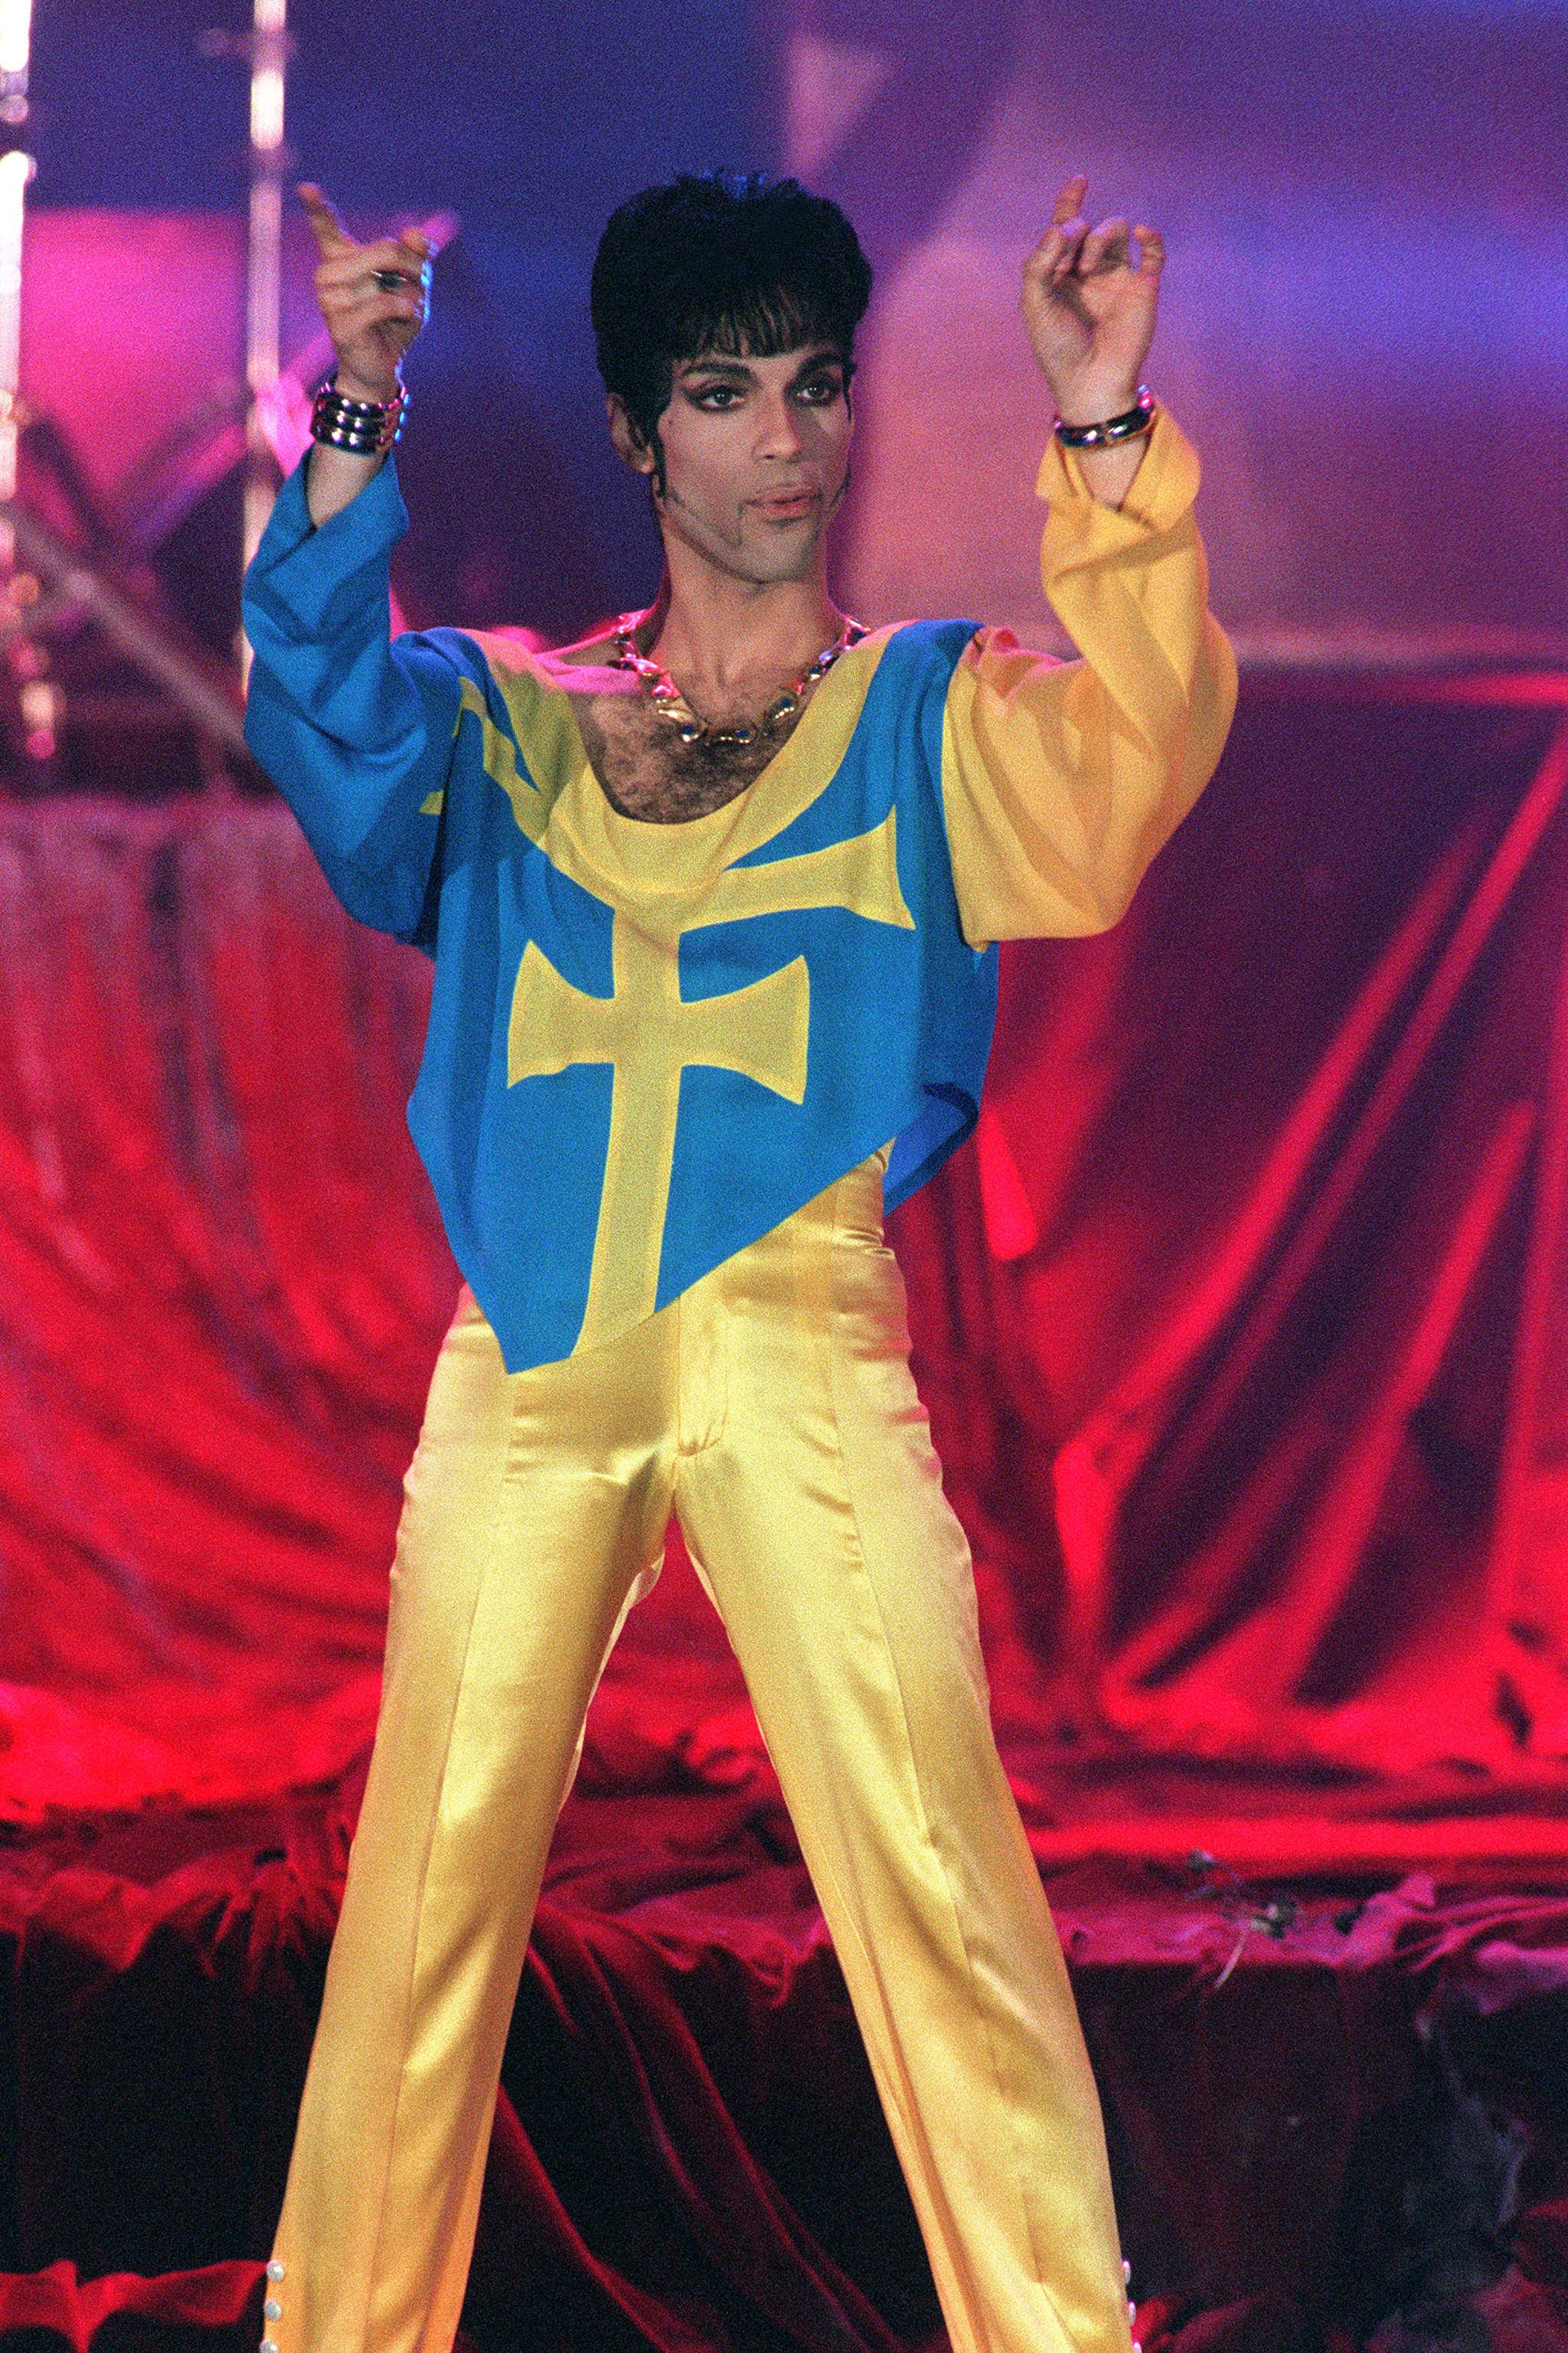 Le musicien (ici en 1994 à Monté-Carlo), né Prince Nelson, vivait toujours en périphérie de Minneapolis, dans le Minnesota, où il a grandi. Il s'est fait connaître à la fin des années 1970 avec les titres «Why You Wanna Treat Me So Bad?» et «I Wanna Be Your Lover». Par la suite, le «kid de Minneapolis» a été l'un des plus grands musiciens des années 1980 et 1990.